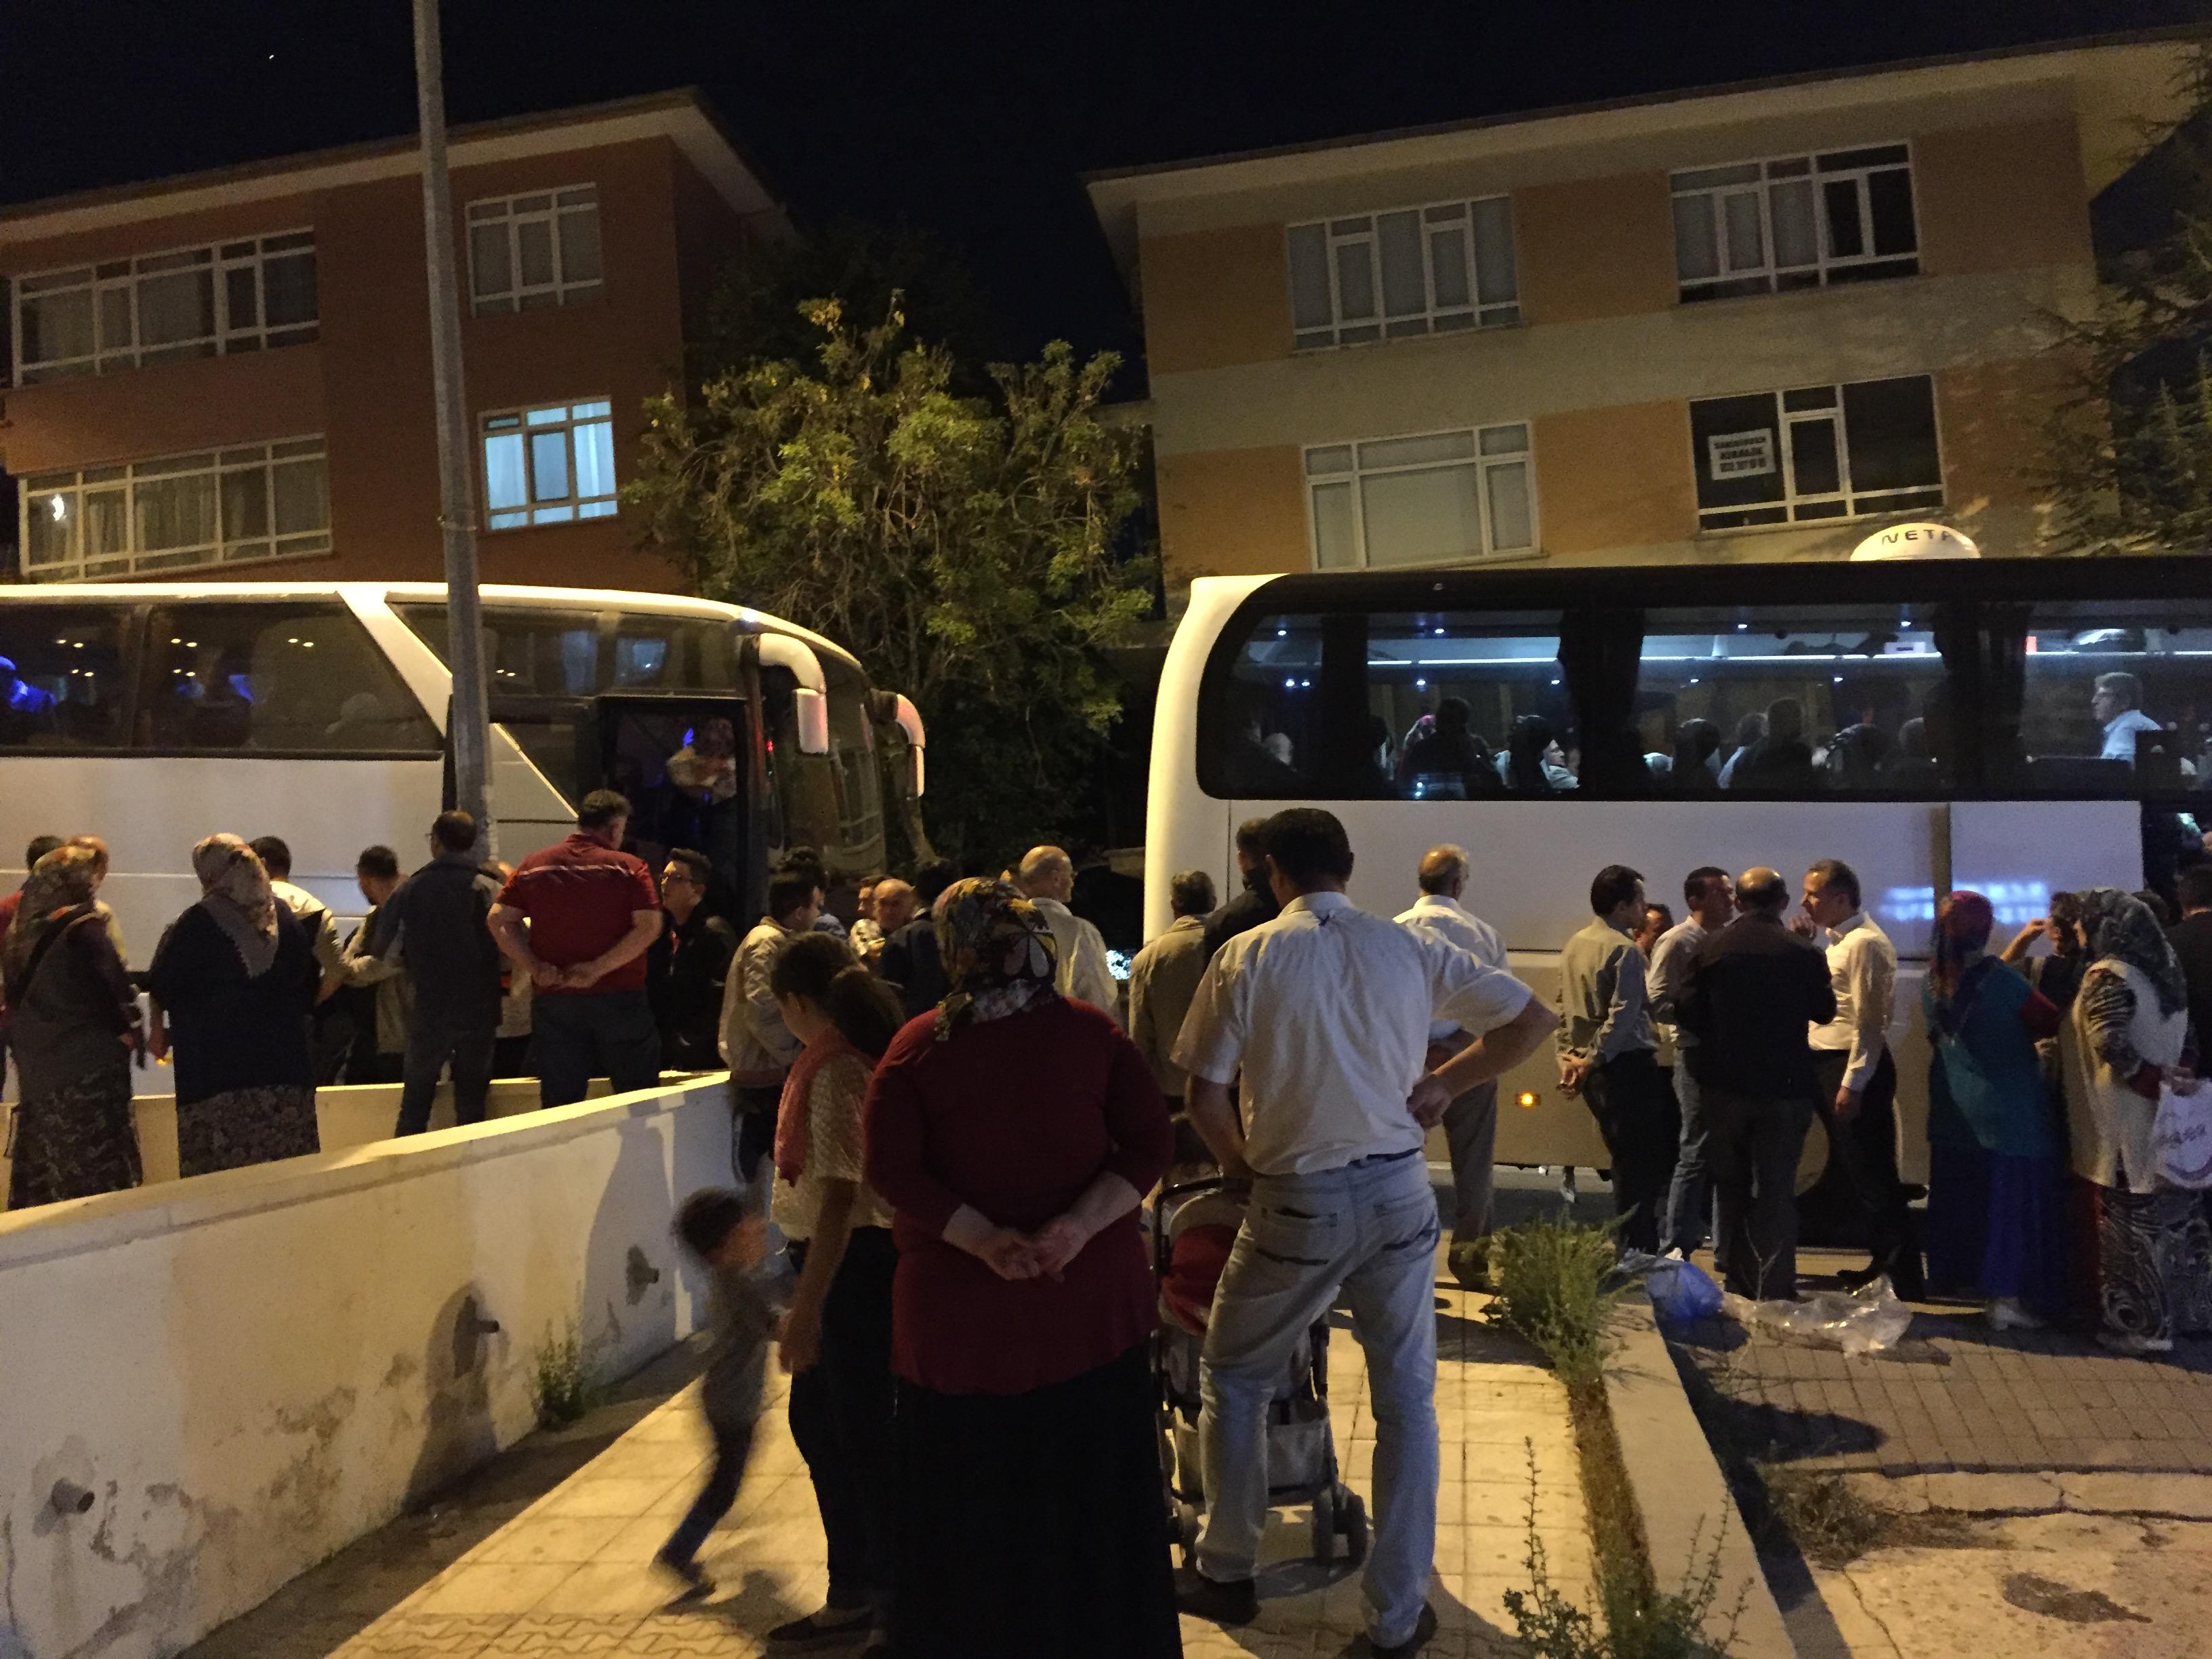 Çukurköy Mahallesinden Hatice(Emine) GÜMÜŞ'ün Cenazesine Ankara'dan 2 Otobüs Yolcu Gitti. Çukurköy Derneği İlk Cenaze Organize İşinde Başarılı Bir Çalışma Yaptı